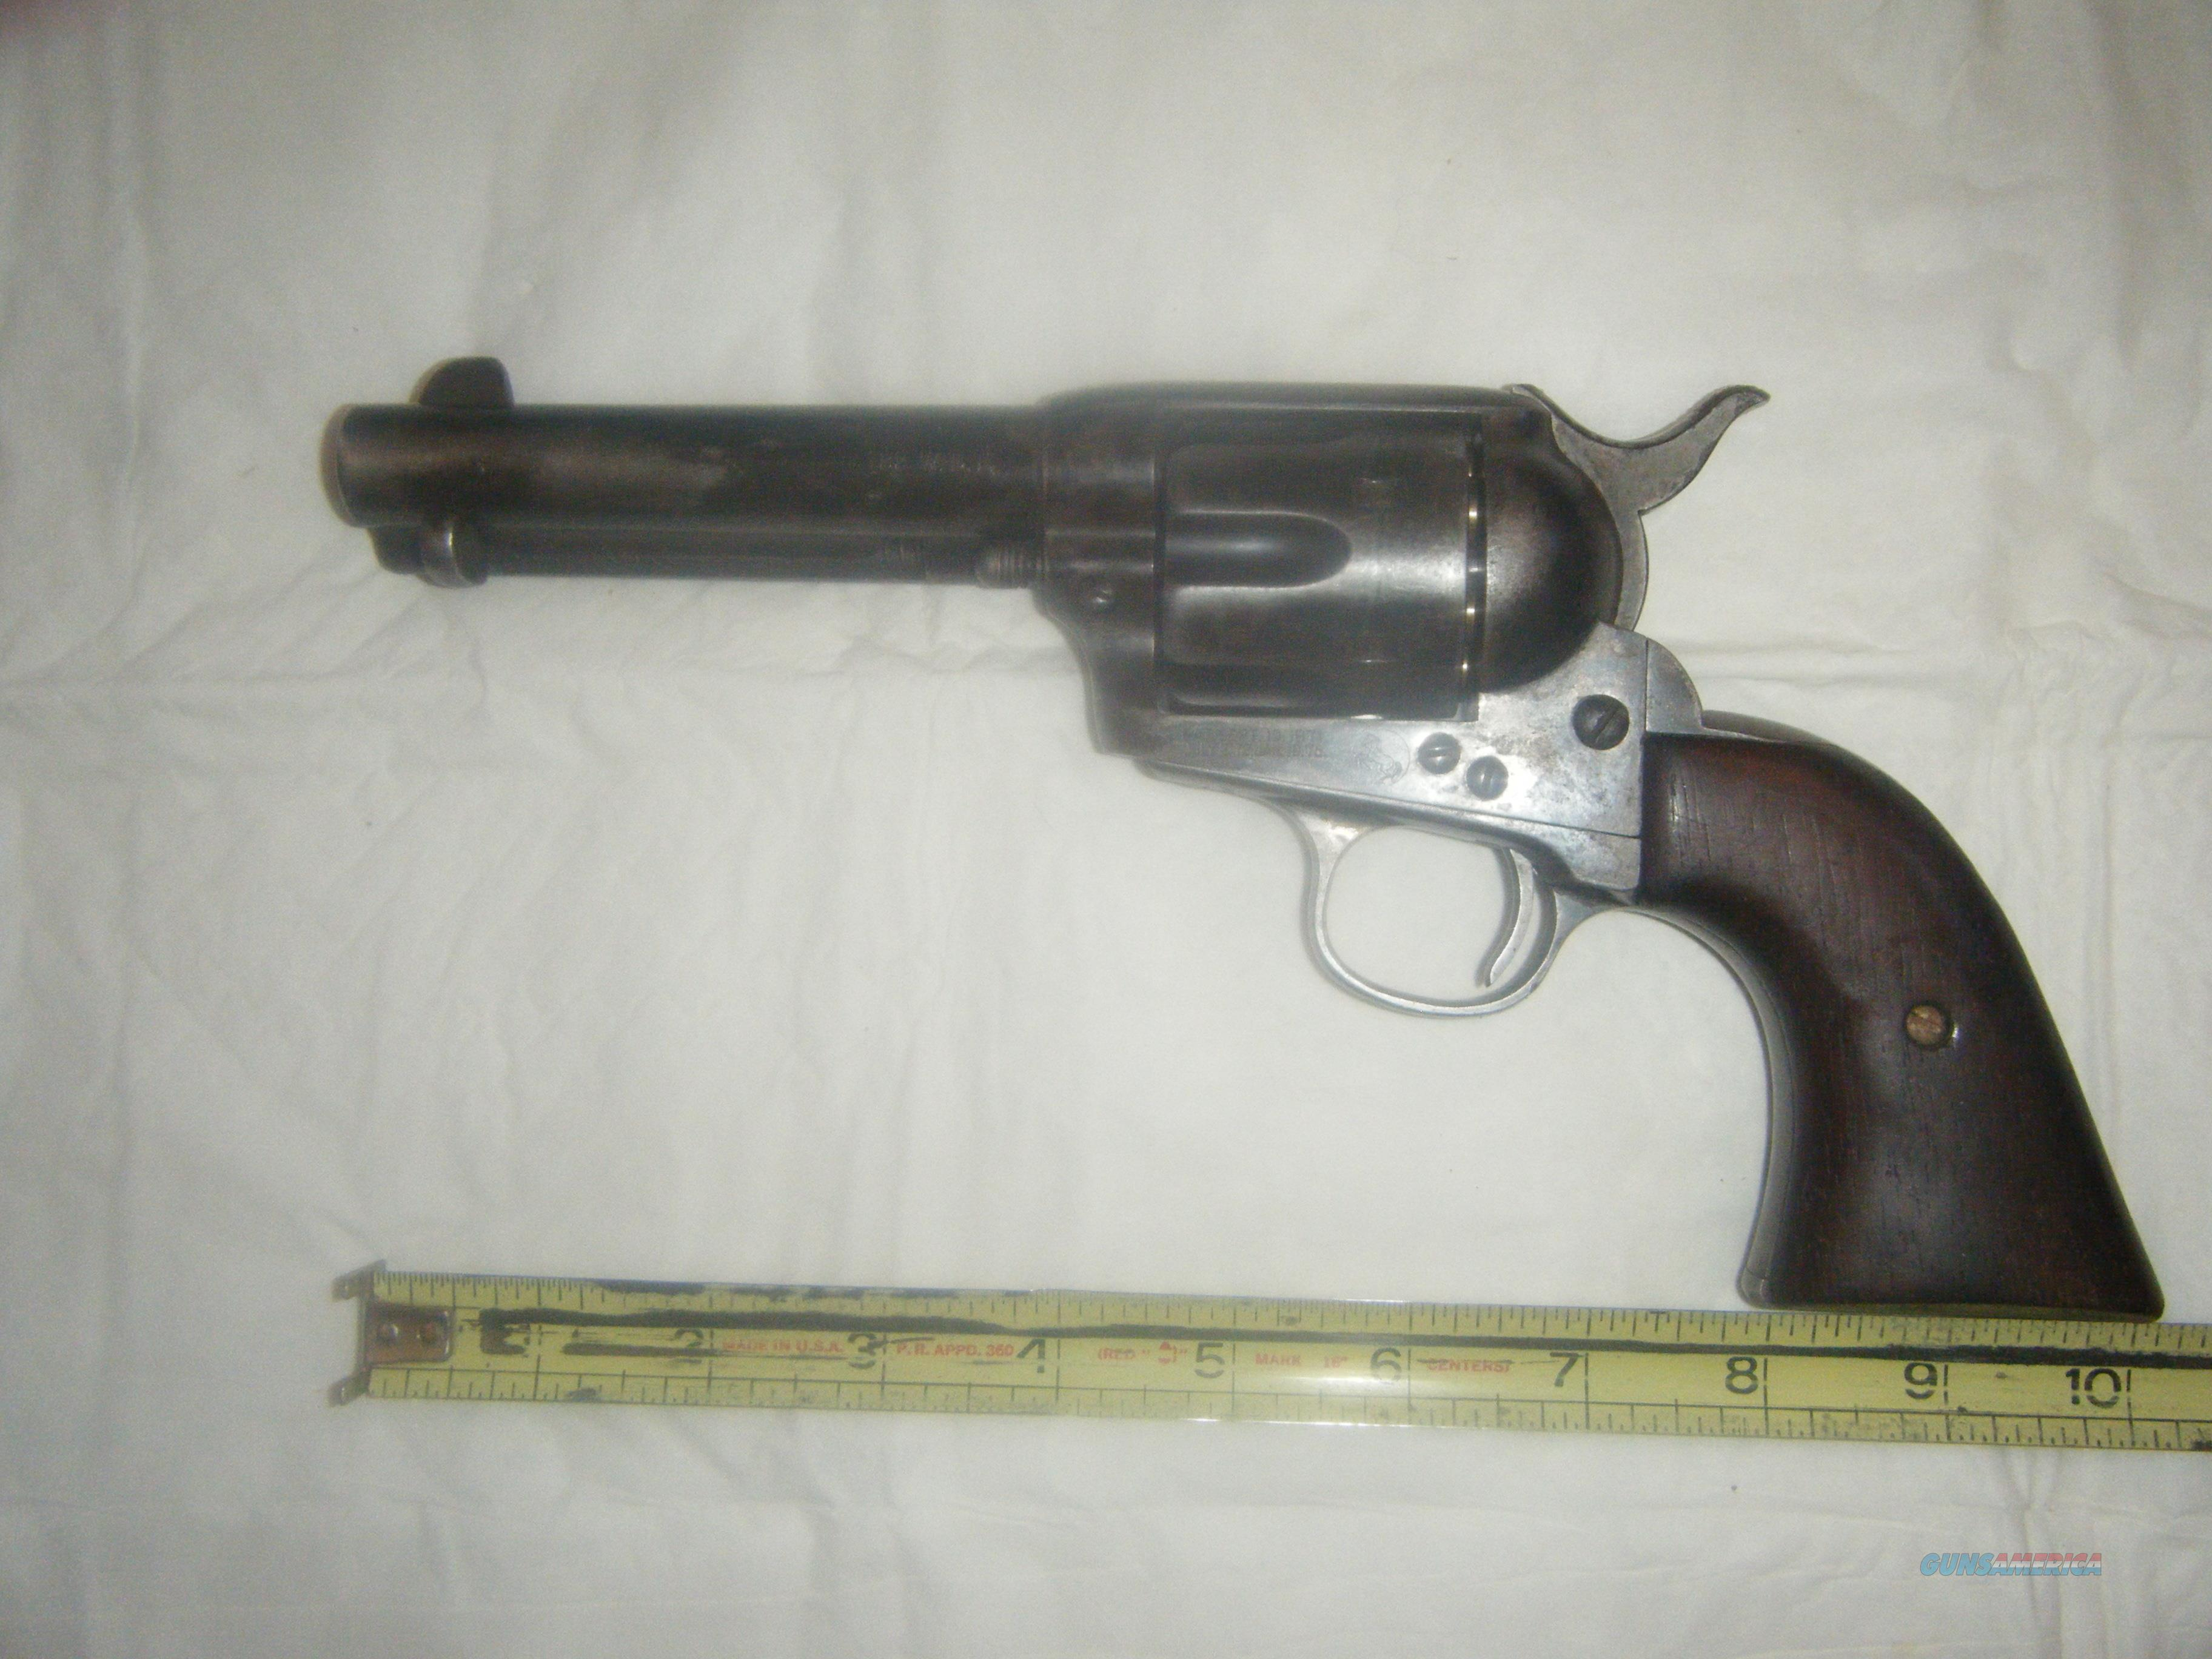 Colt 32-20 single action, COLLECTORS ITEM  Guns > Pistols > Colt Single Action Revolvers - 2nd Gen.